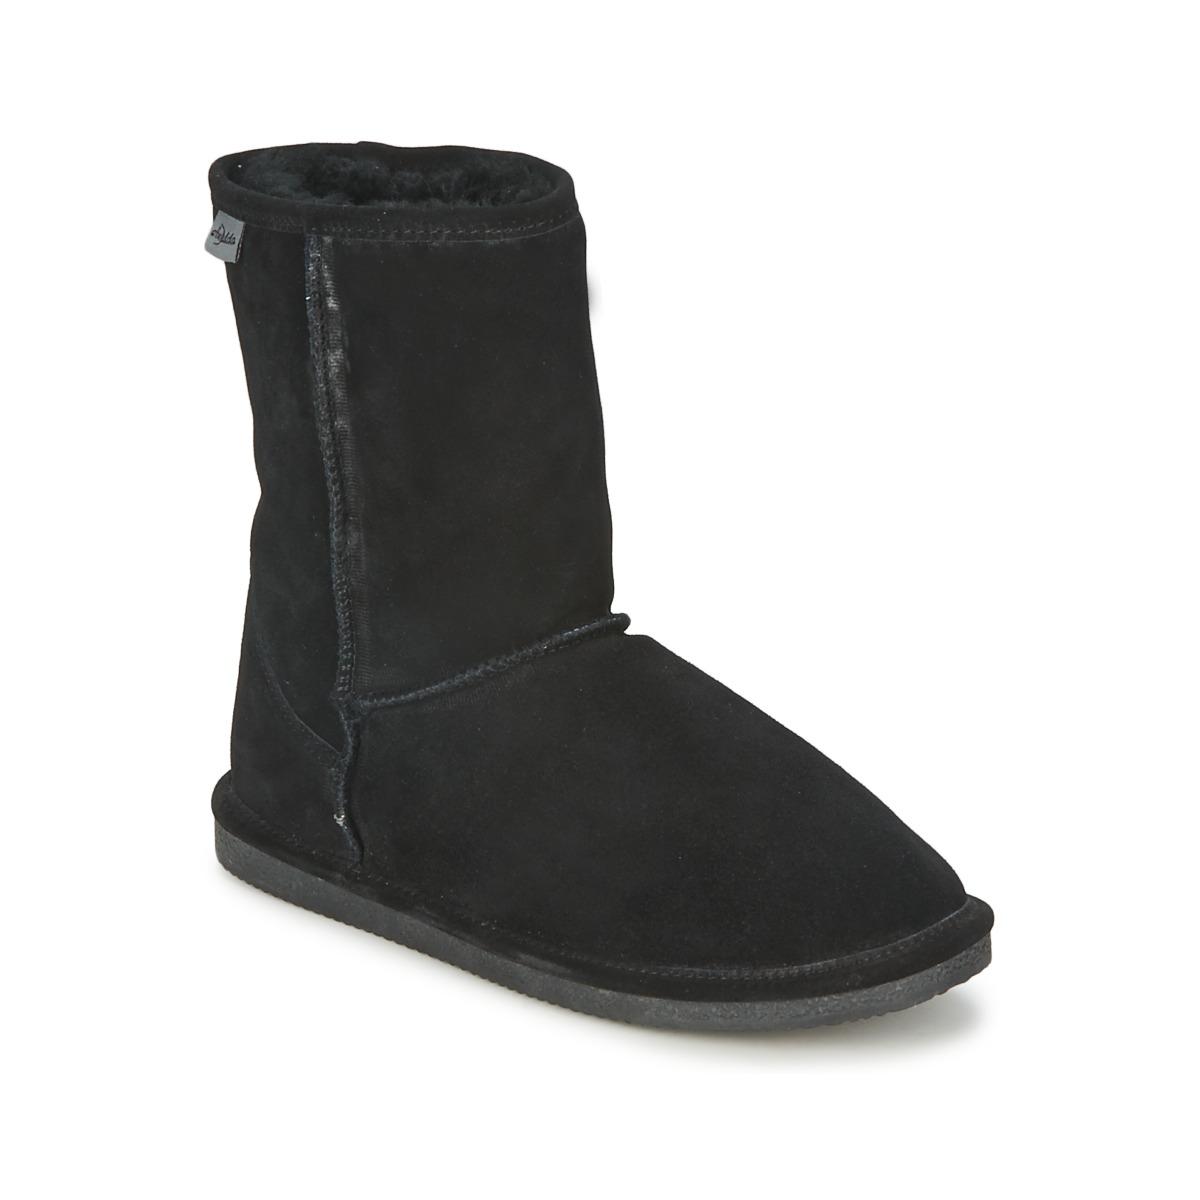 Kengät Axelda -